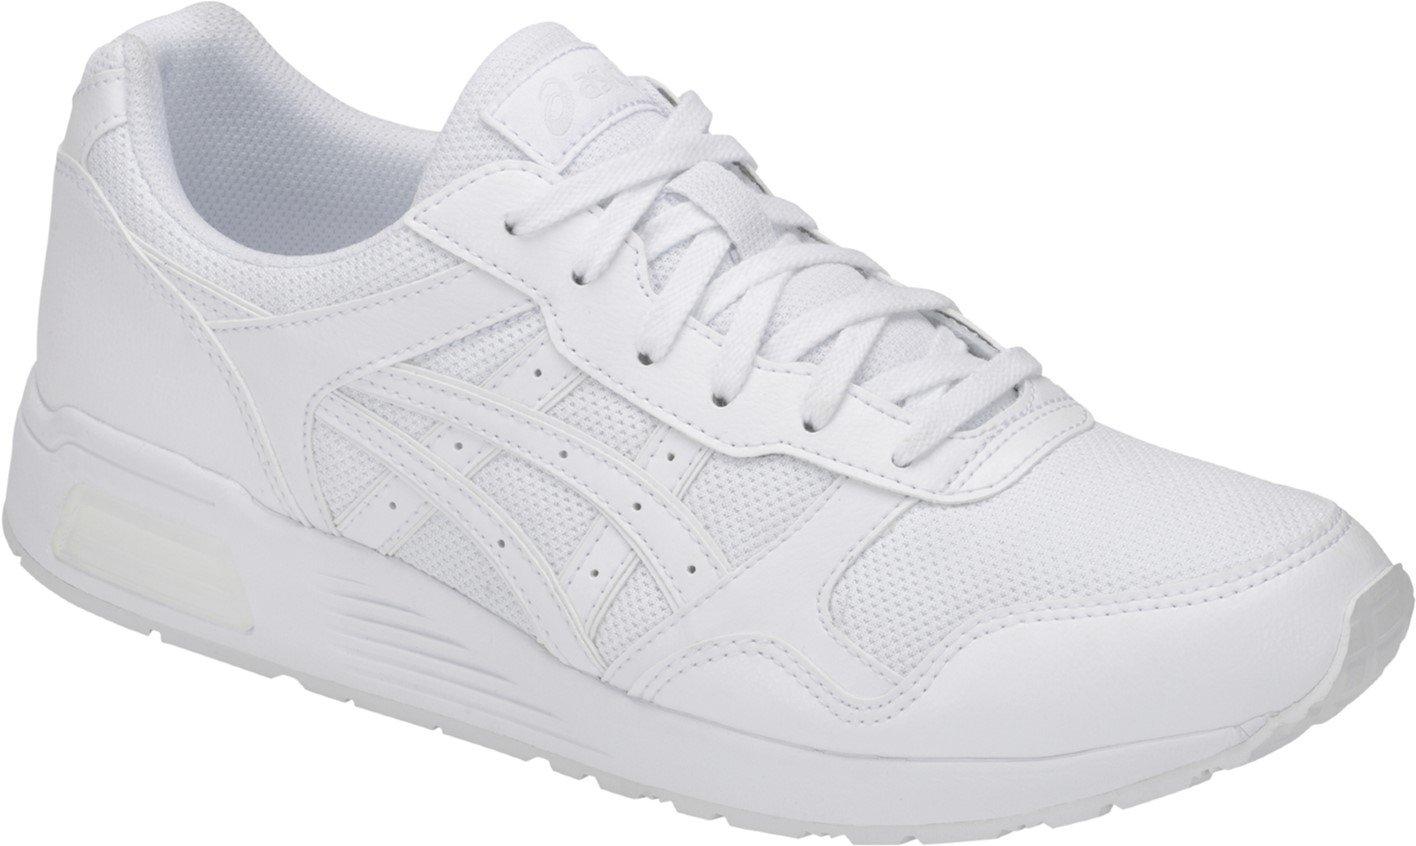 ASICS Men's Gel Lyte Trainers White 4550214230978 - 3 UK White